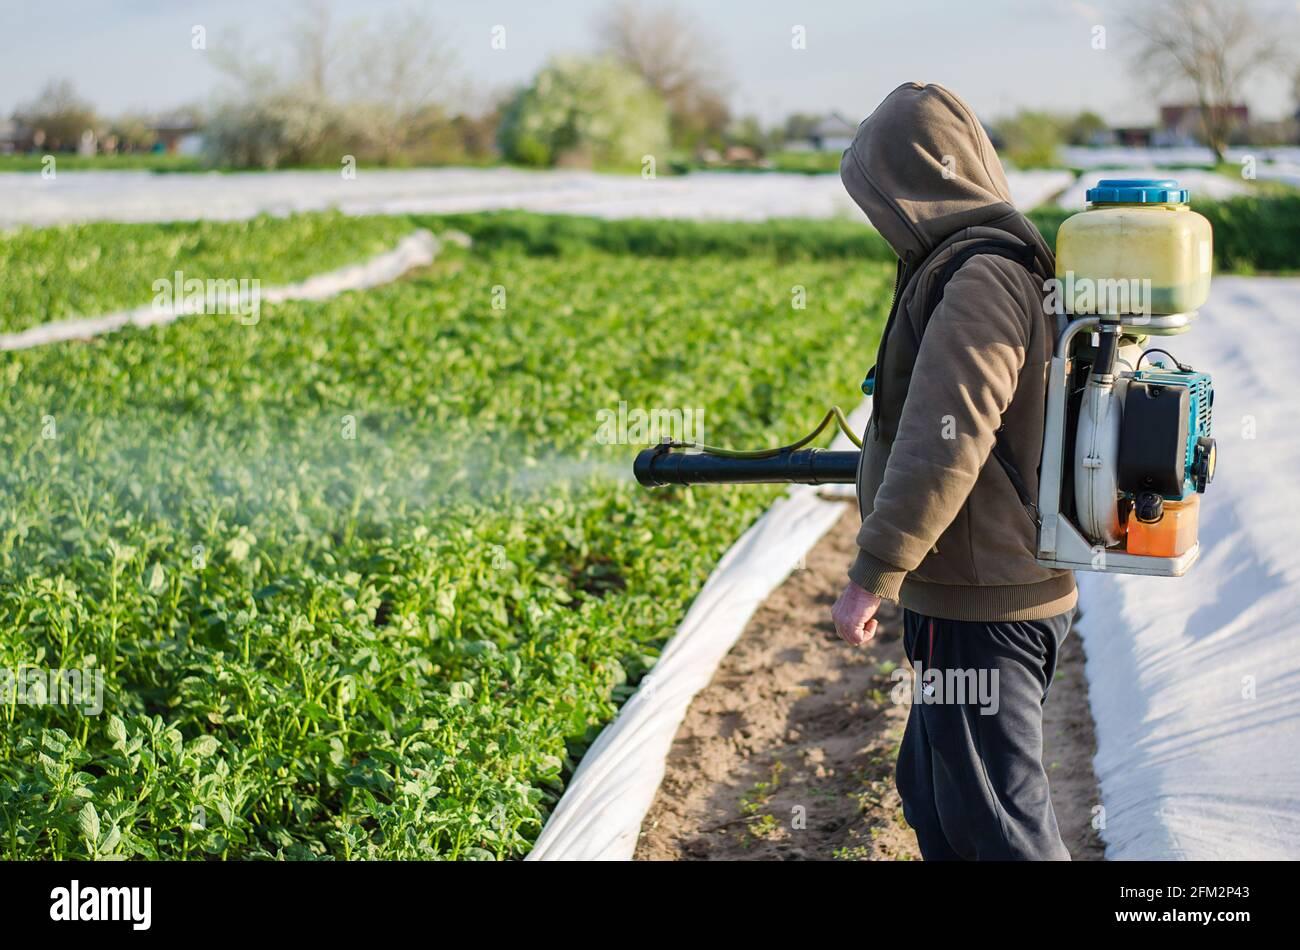 Un agricultor rocía productos químicos en un campo de plantación de papa. Protección de plantas cultivadas contra insectos e infecciones fúngicas. Aumento de la cosecha. Control Foto de stock